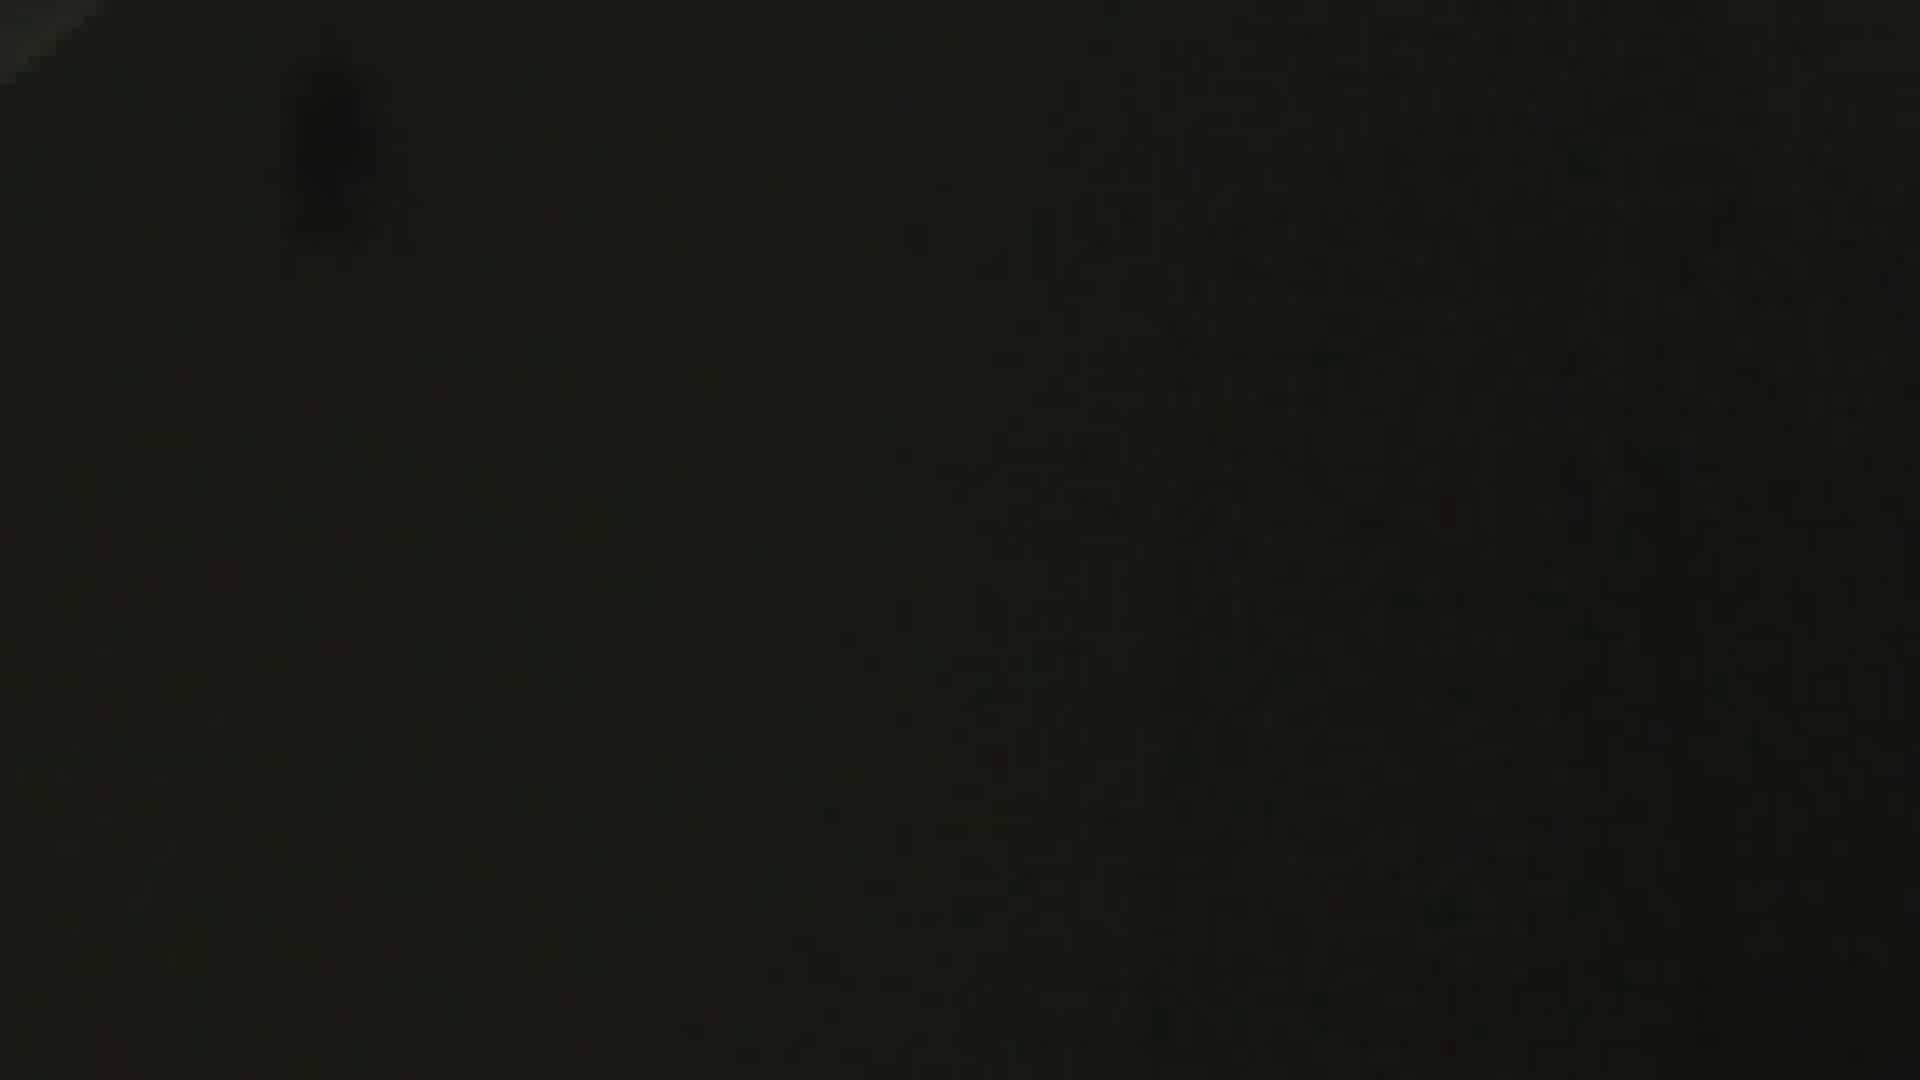 世界の射窓から ステーション編 vol.17厦大女厕偷拍 qianp 洗面所  87PIX 31